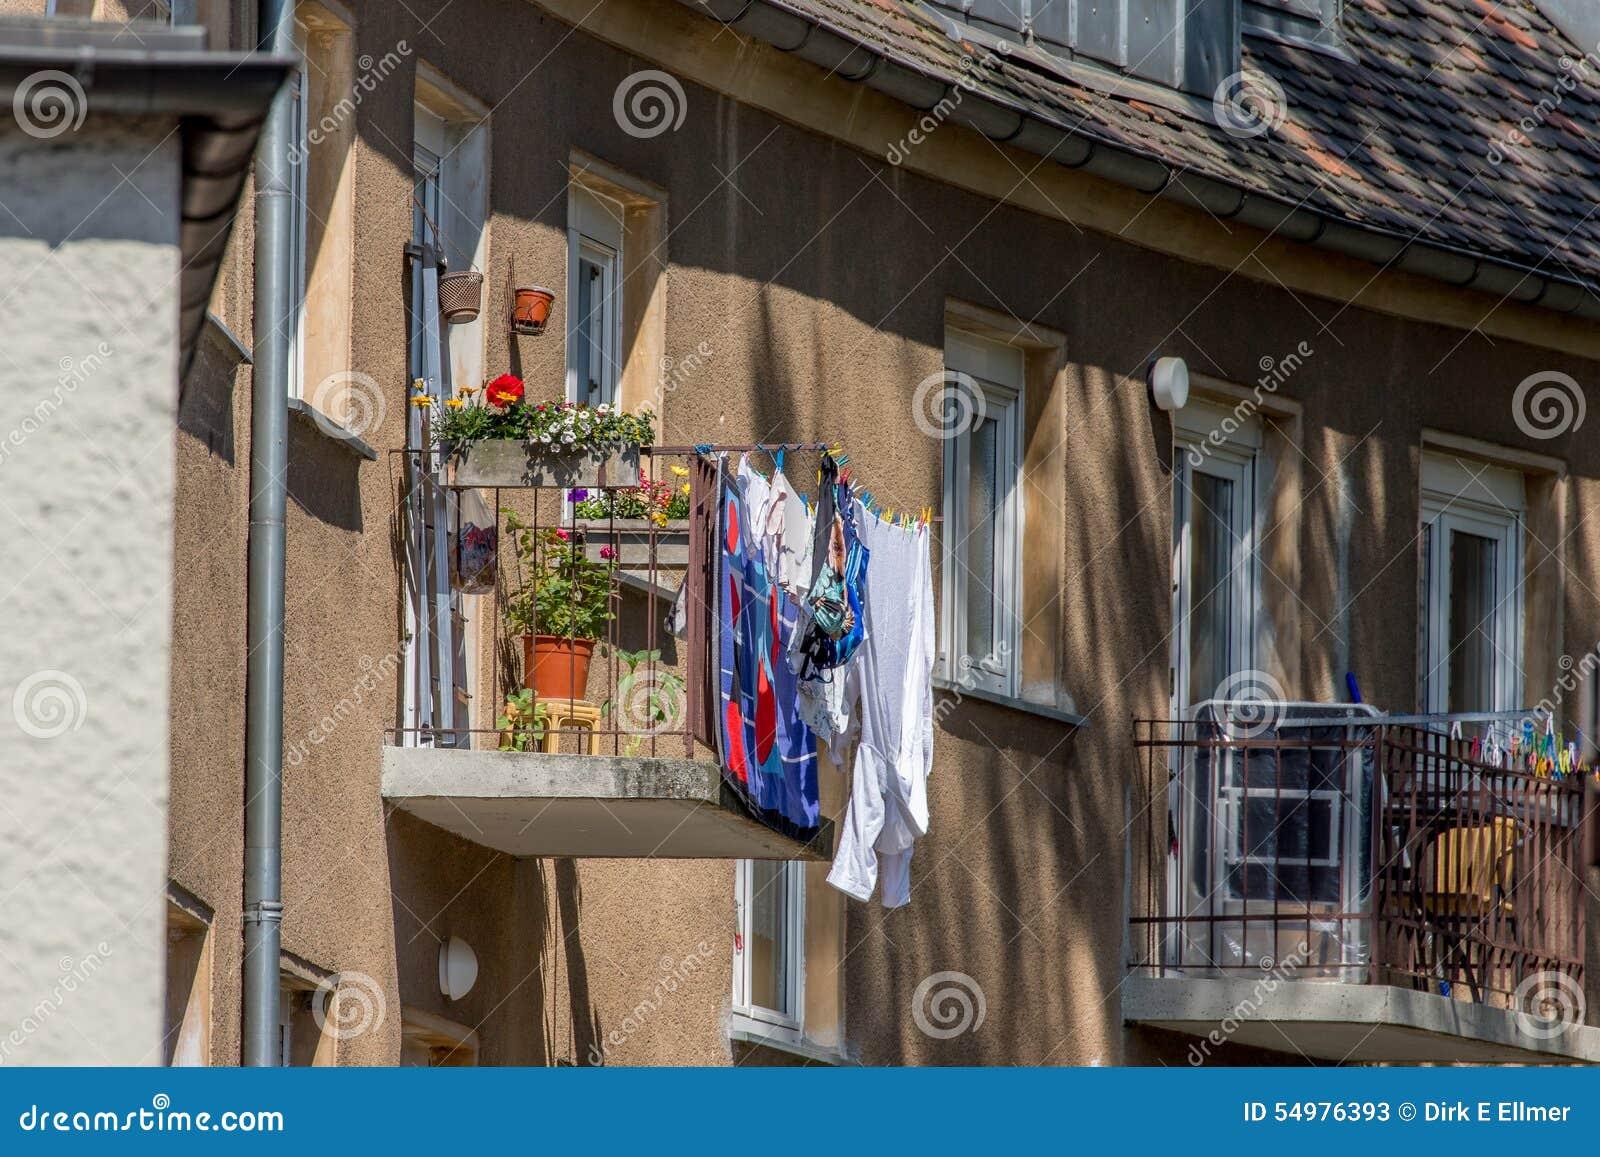 Балкон - стеллаж для просушки одежд